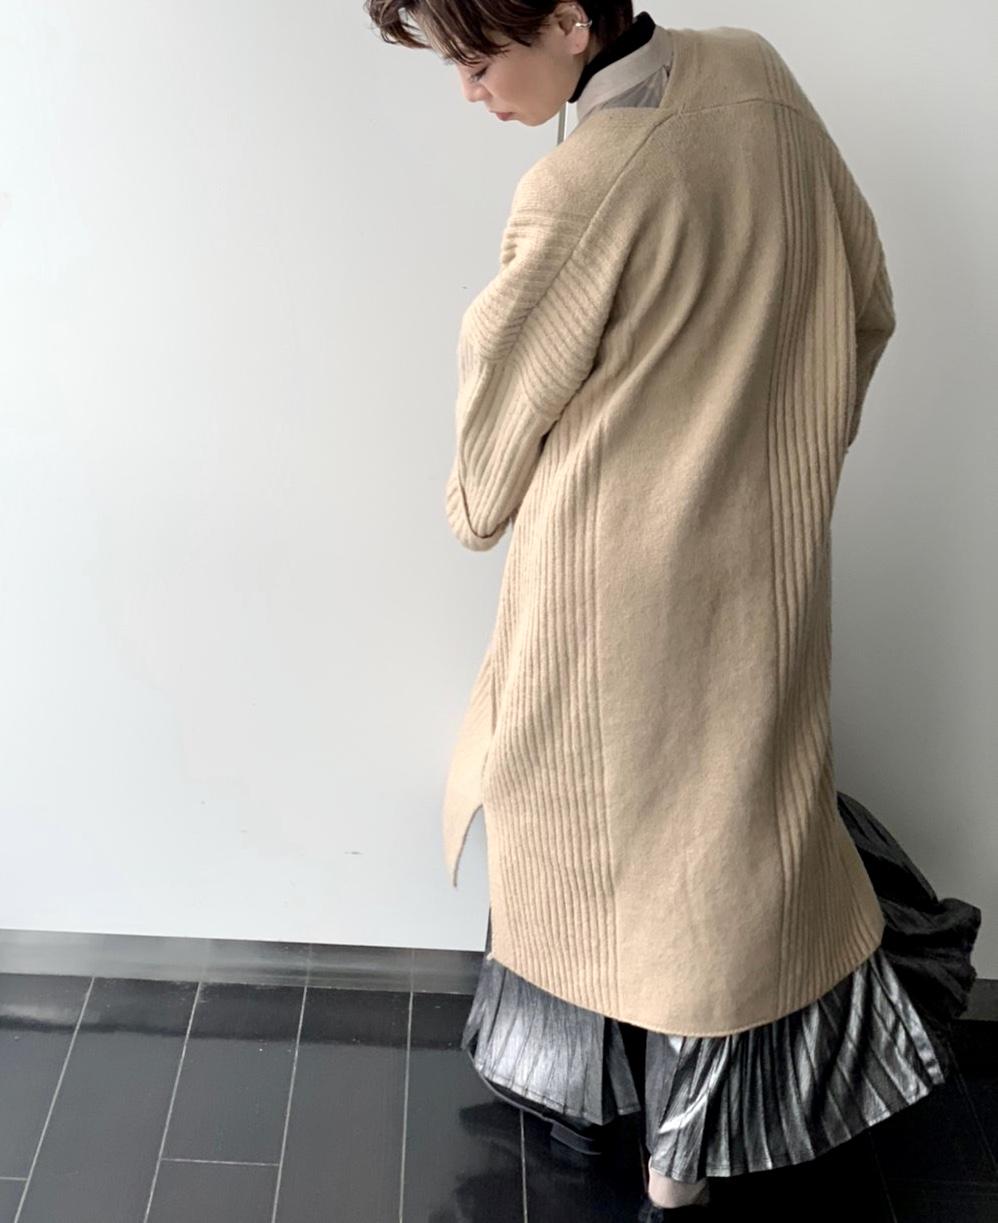 ScrapBook スクラップブック 有楽町 有楽町マルイ ニットカーディガン ロングカーディガン ベージュ ふんふわ 温かい 可愛い きれいめ こなれ感 袖 首 Vカット サイドスリット レイヤード ポケット